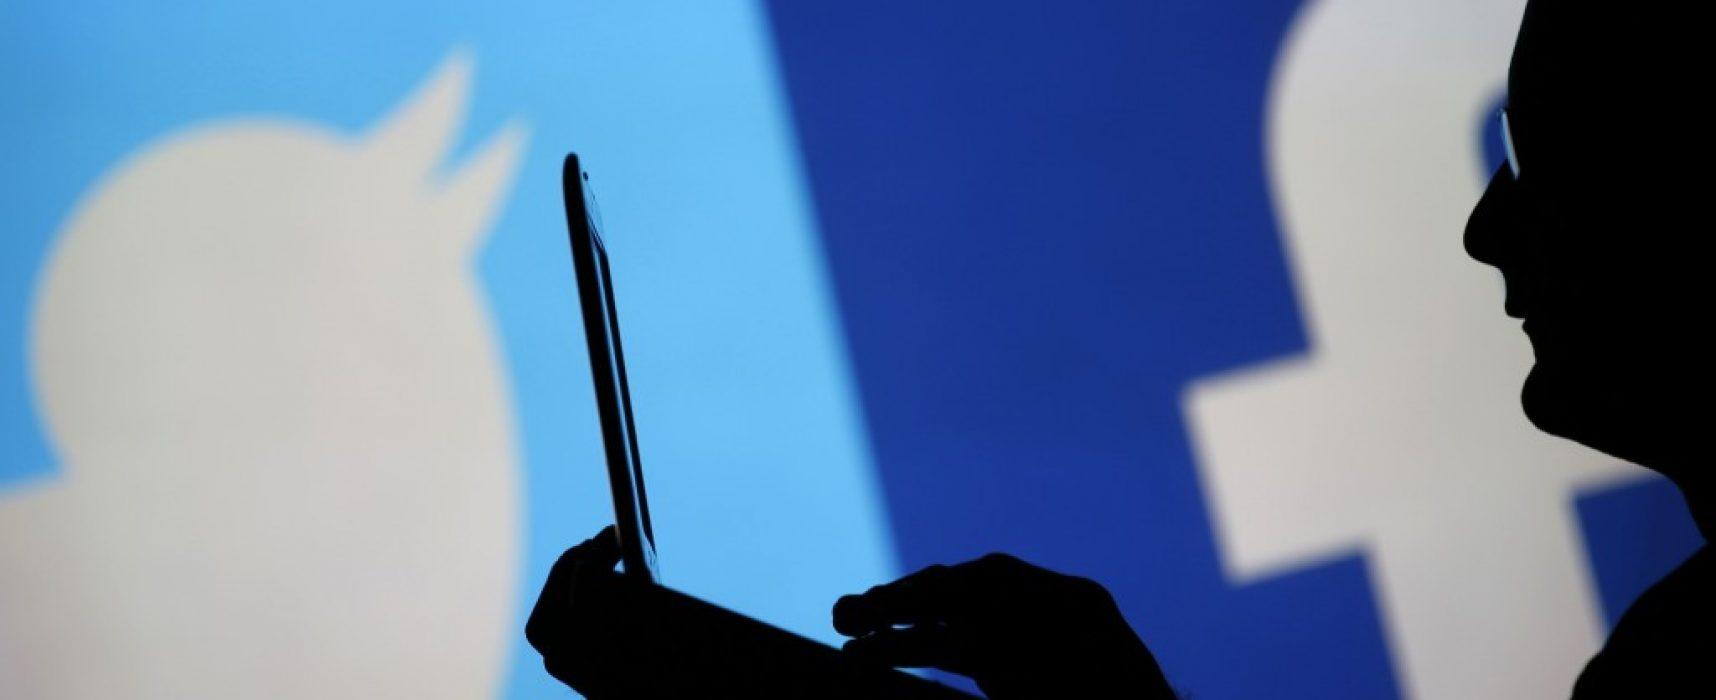 Facebook y Twitter son utilizados para manipular la opinión pública – informe